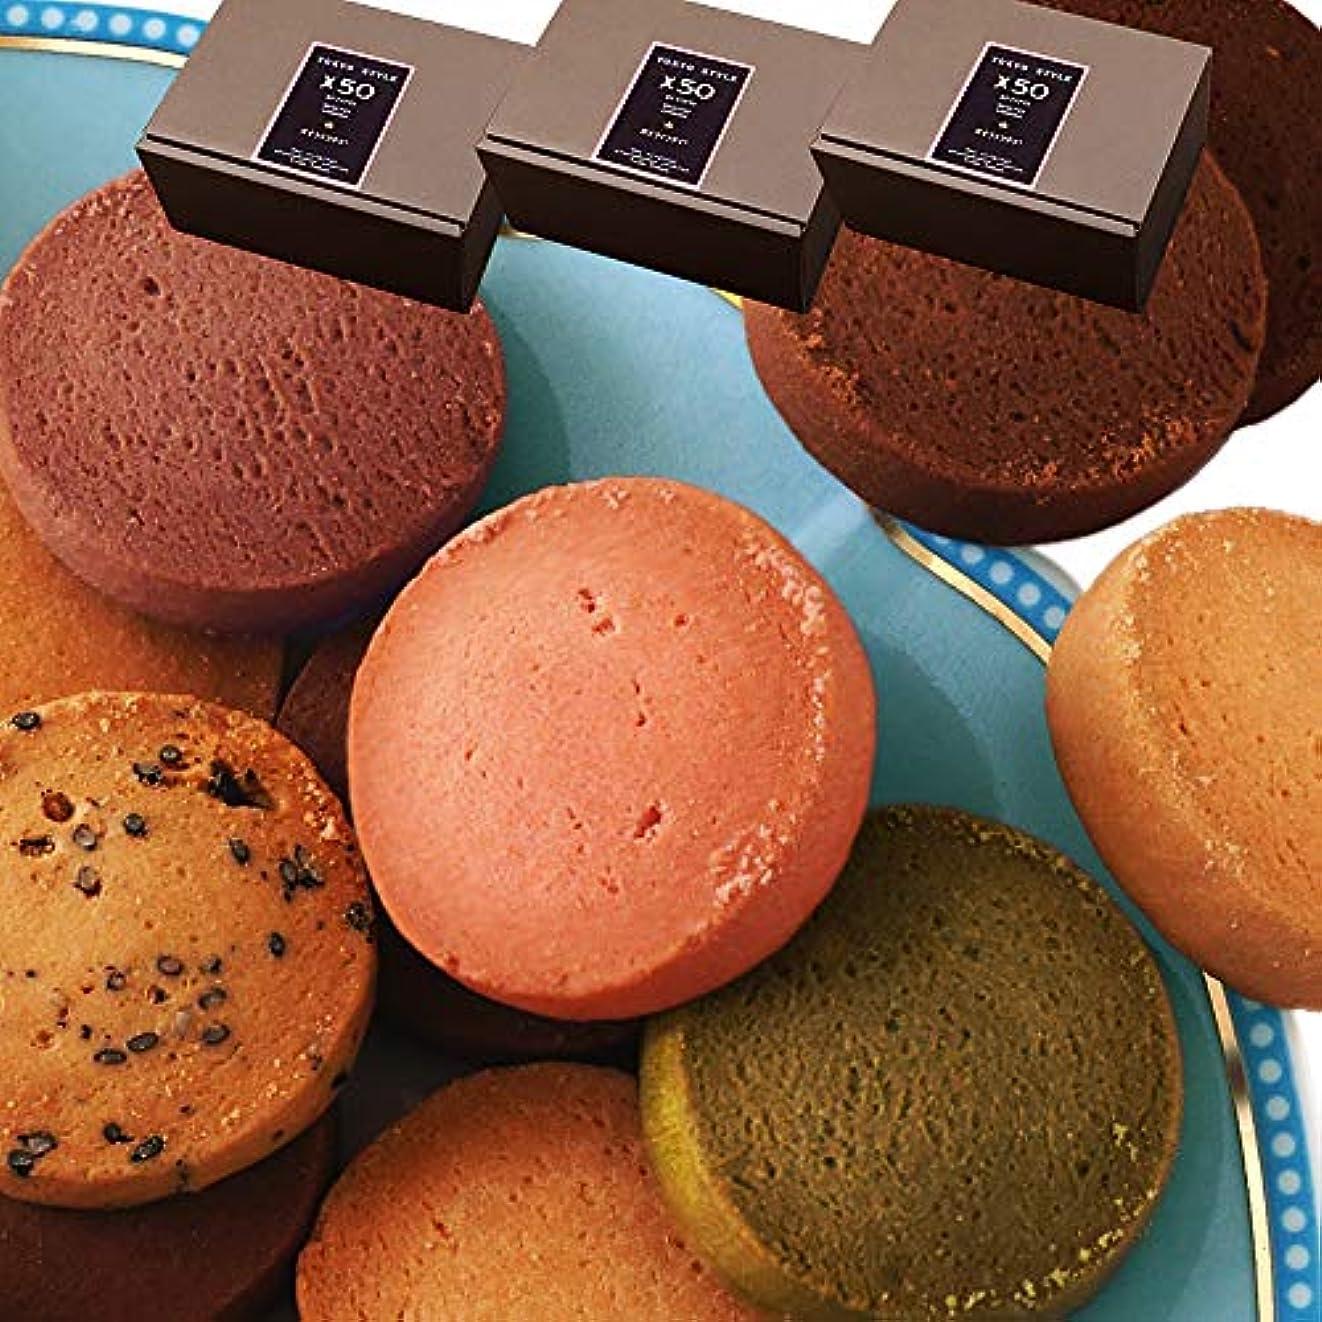 共感する発表物思いにふける【ダイエット 1食分の個包装】豆乳おからマンナンクッキー TOKYO 洋菓子店のテイスト 18食(6種×3袋)×3箱おまとめ